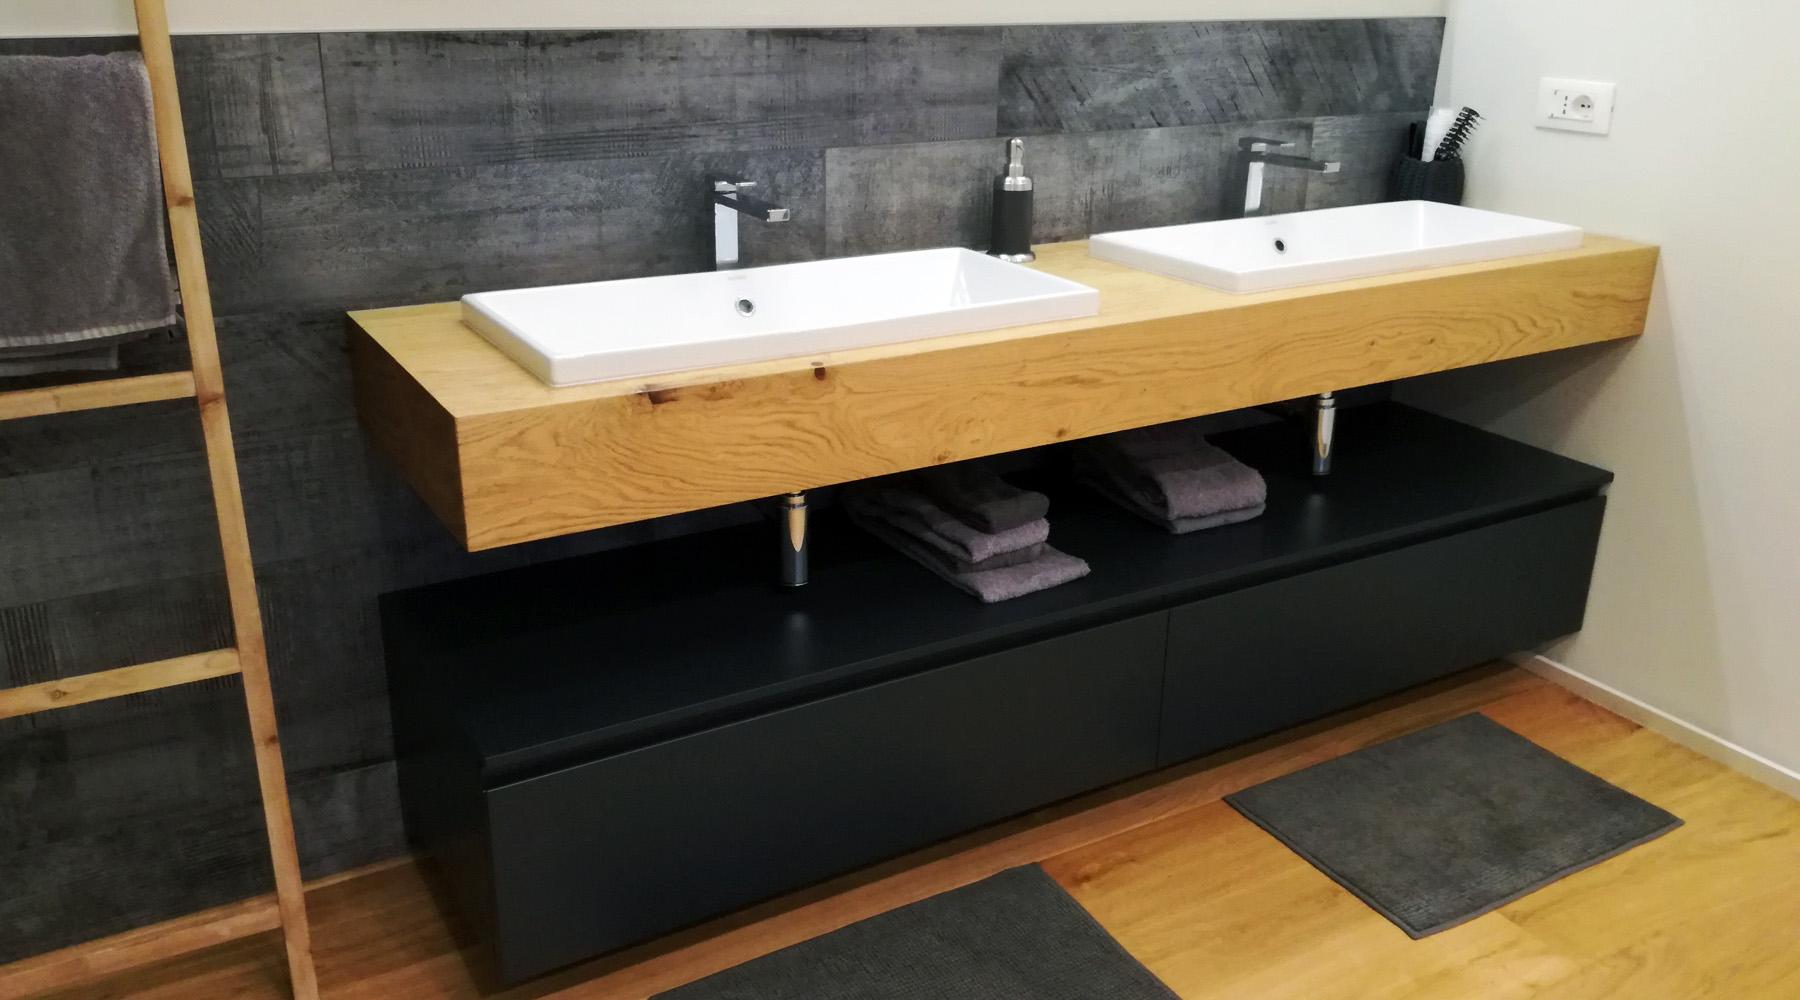 Mobile bagno con mensola in legno doppio lavabo for Mobile bagno legno